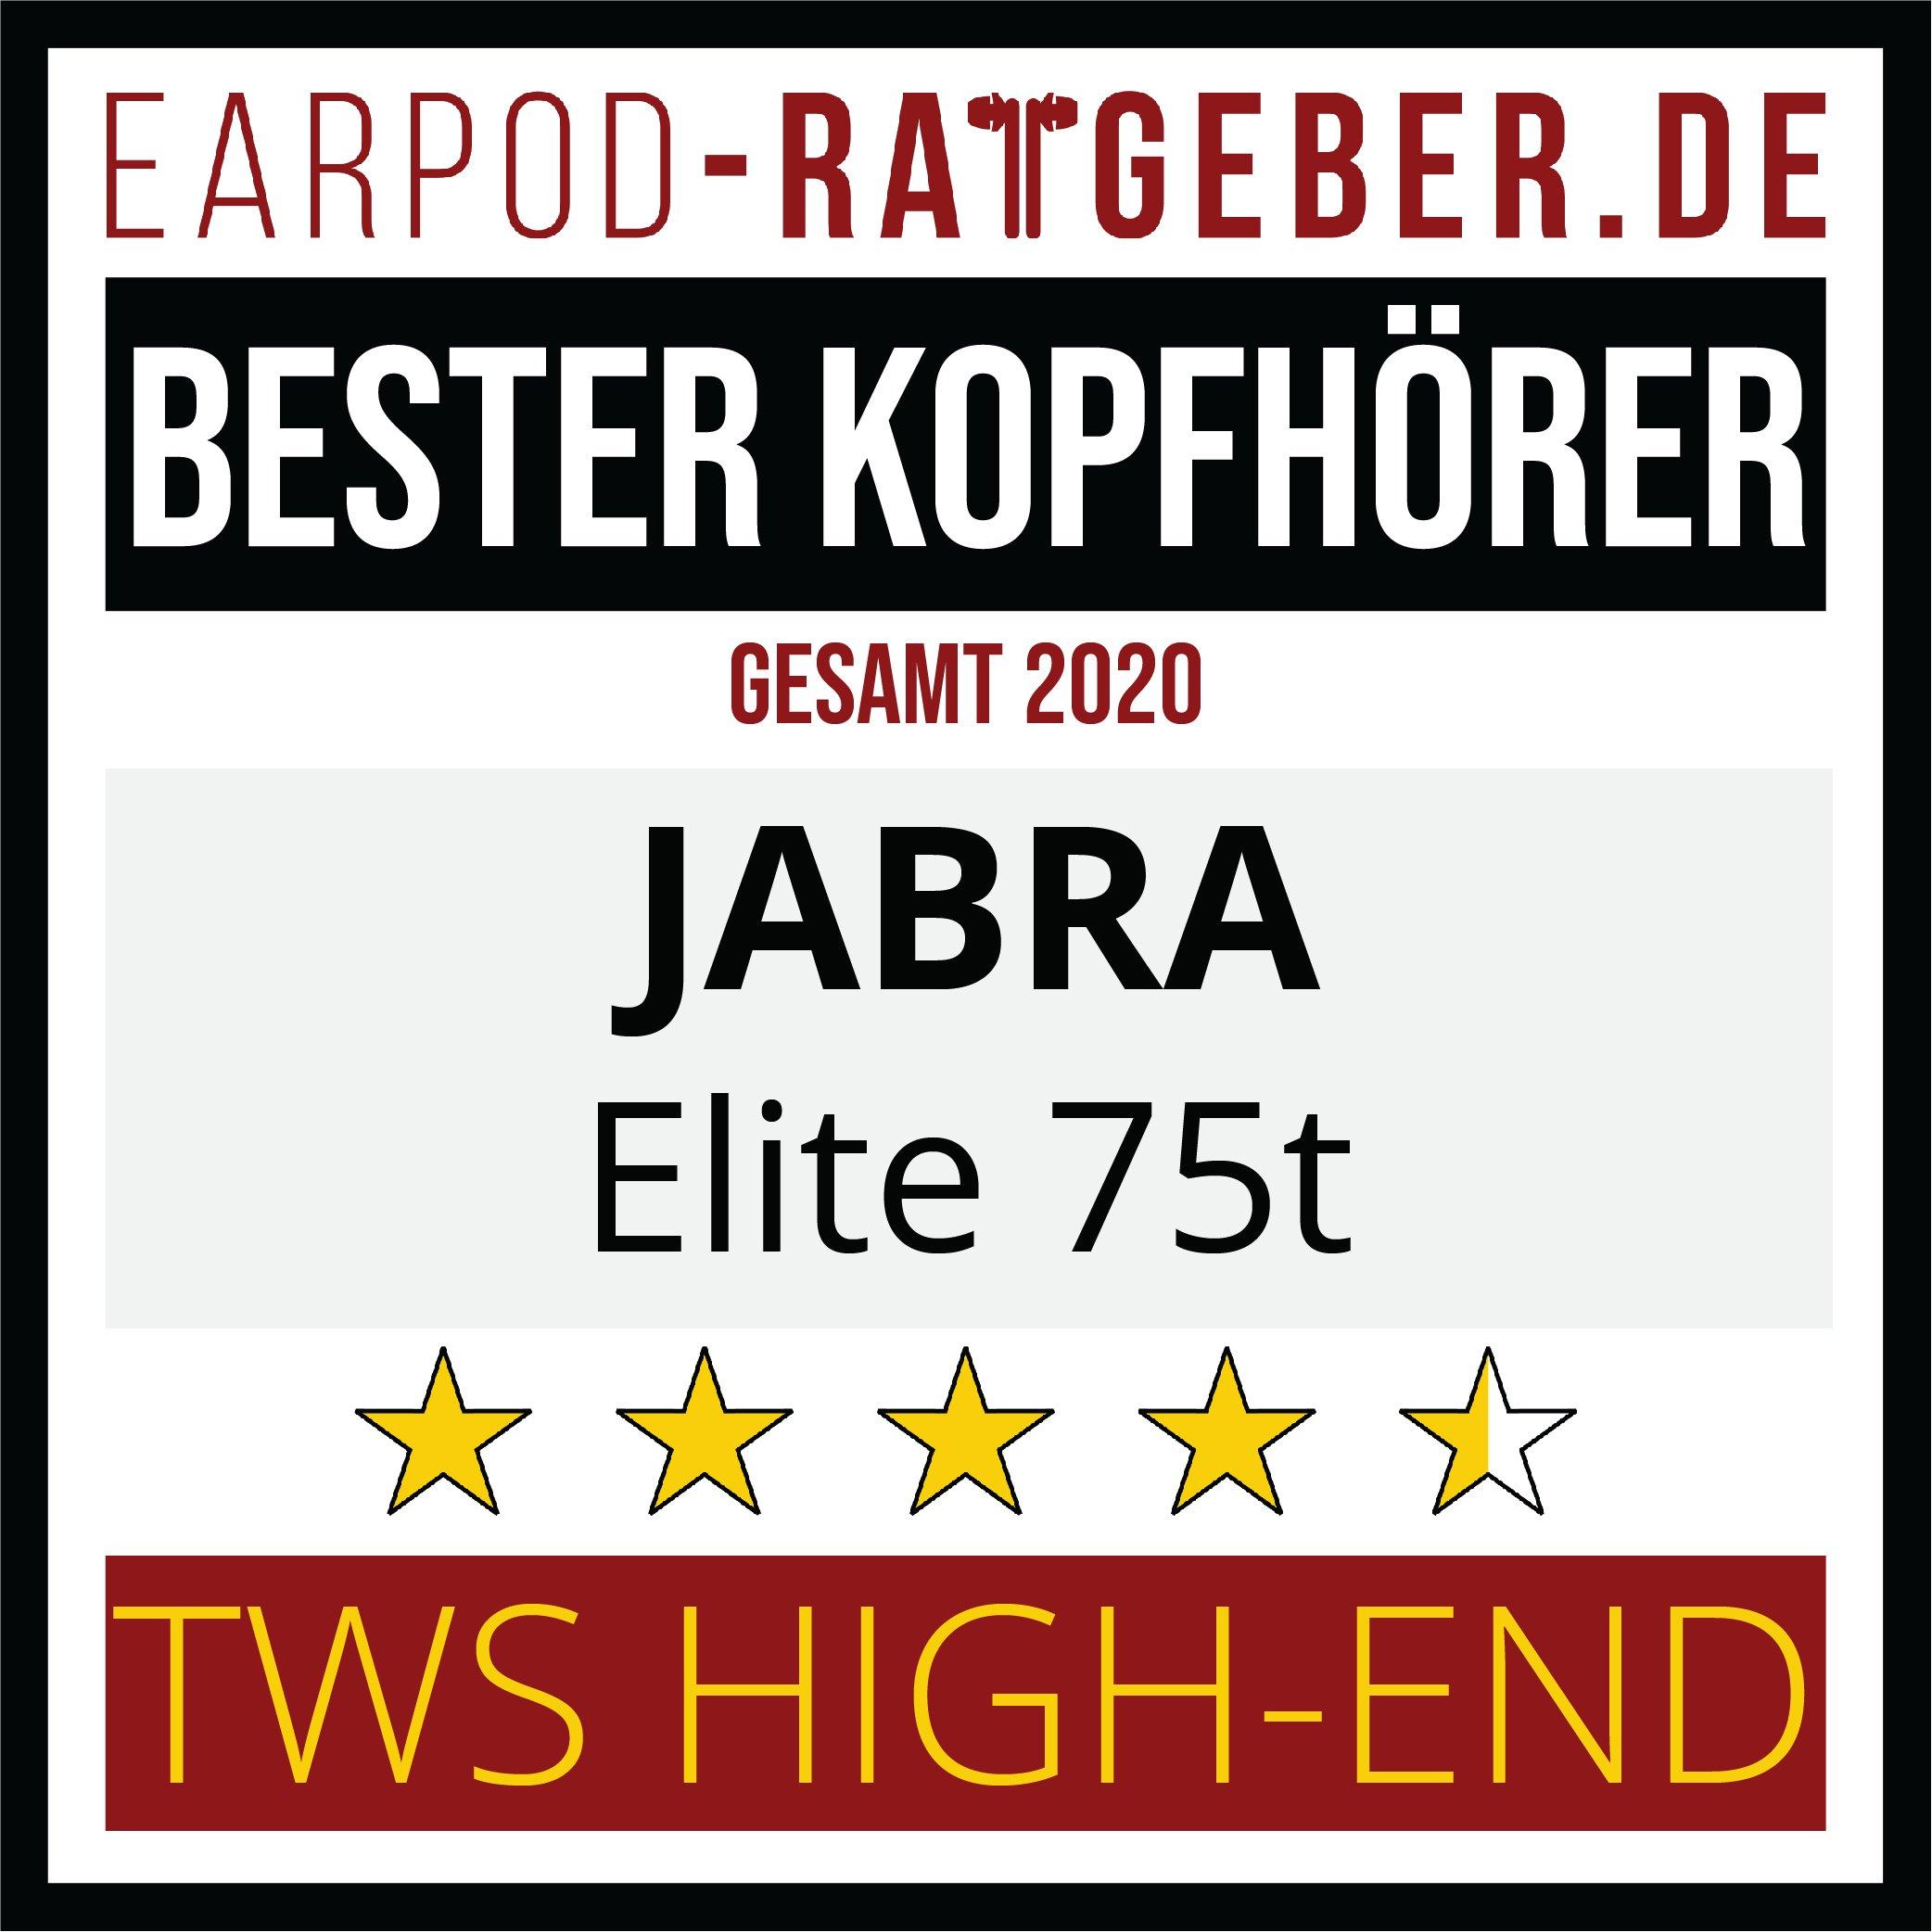 Die besten Kopfhörer 2020 Earpod-Ratgeber.de Awards Einsteiger Jabra Gesamt